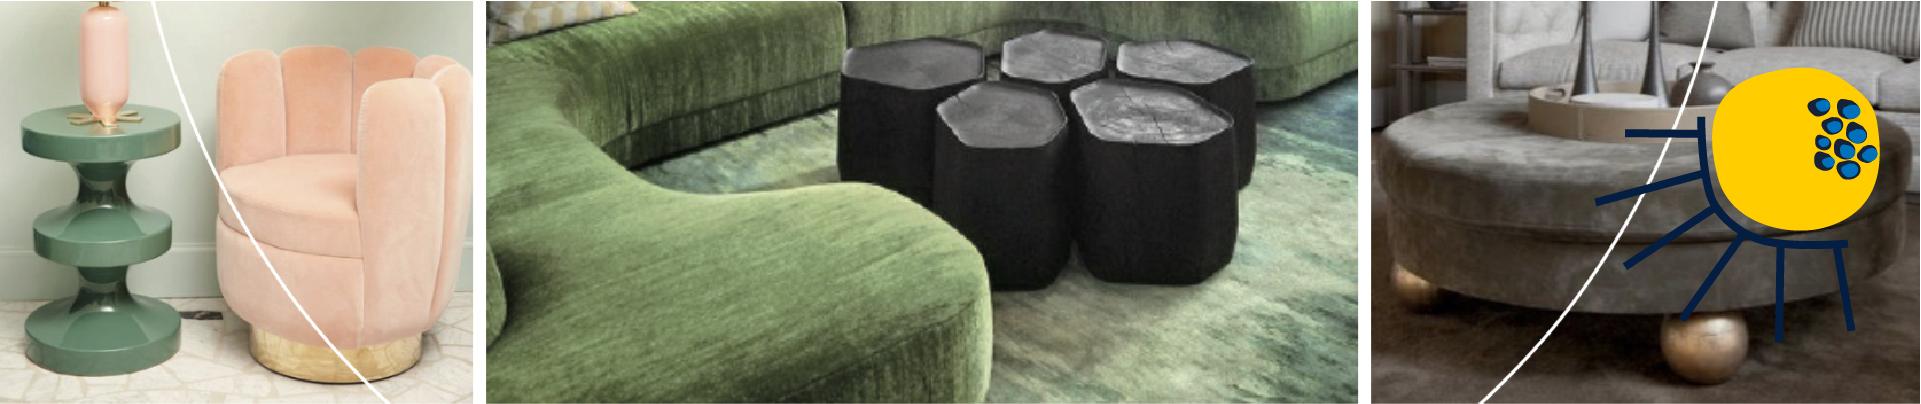 meubles-design-interieur